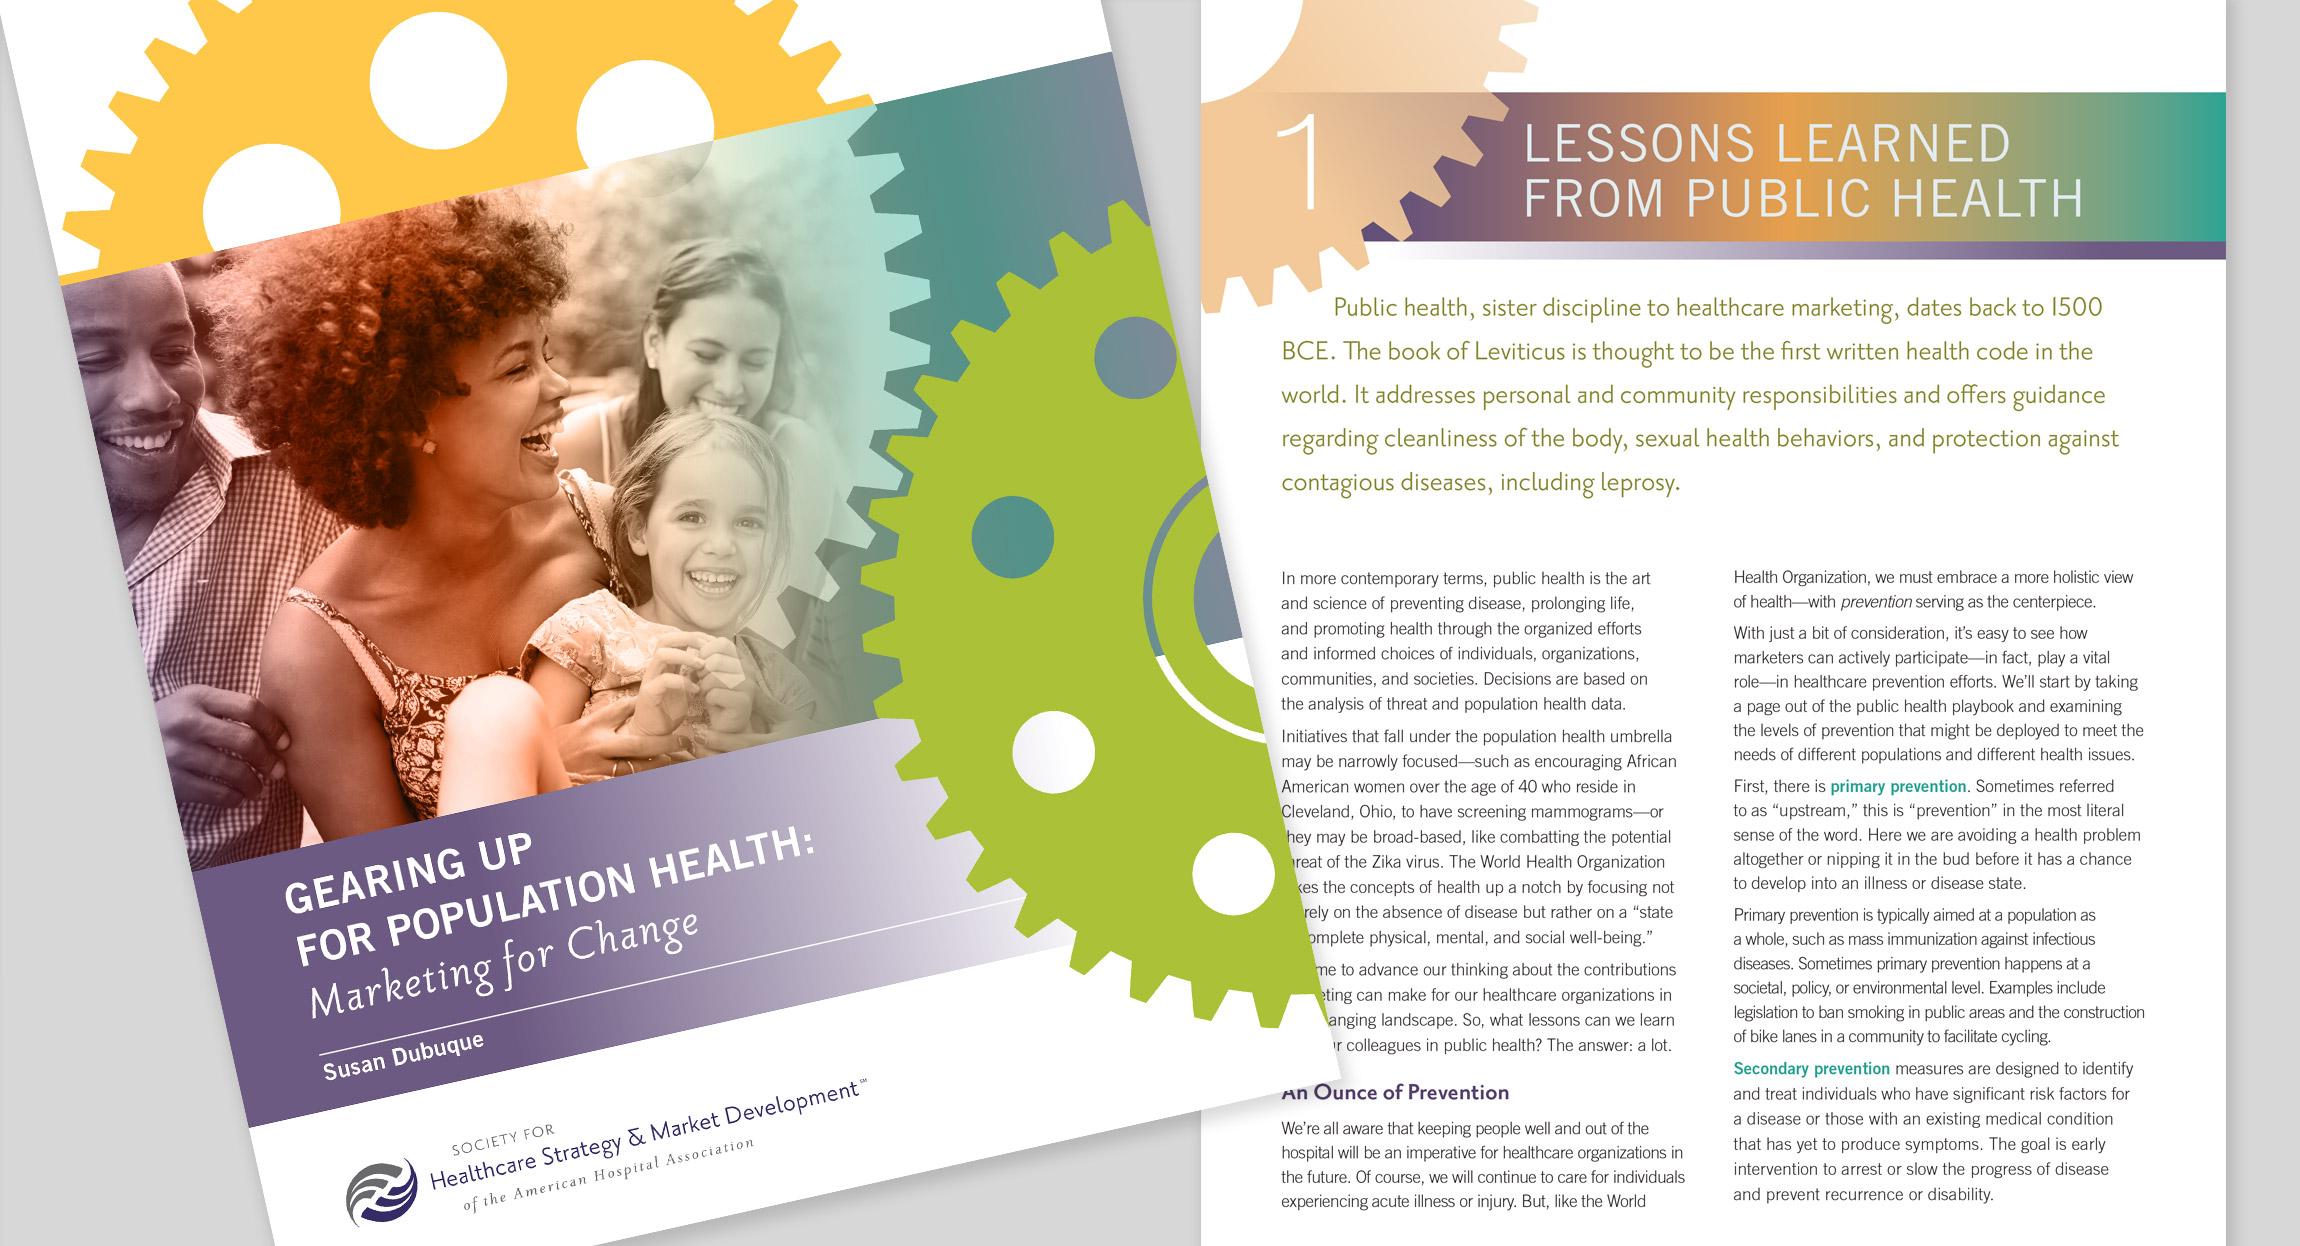 SHSMD population health report design by hughes design